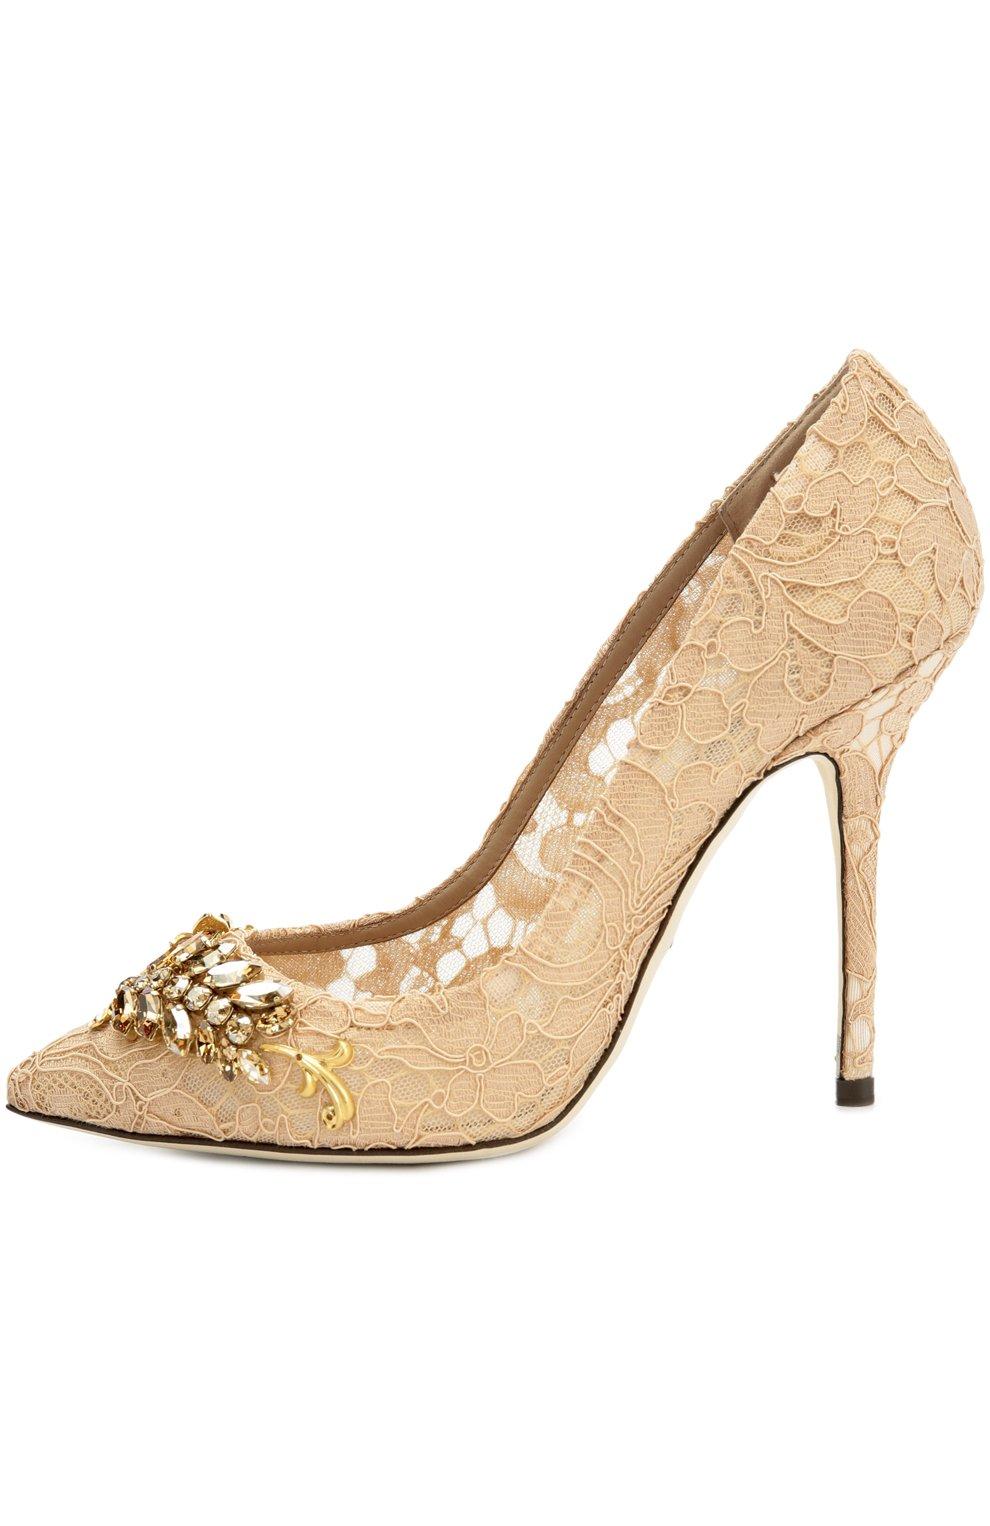 Кружевные туфли Belucci с декором | Фото №1